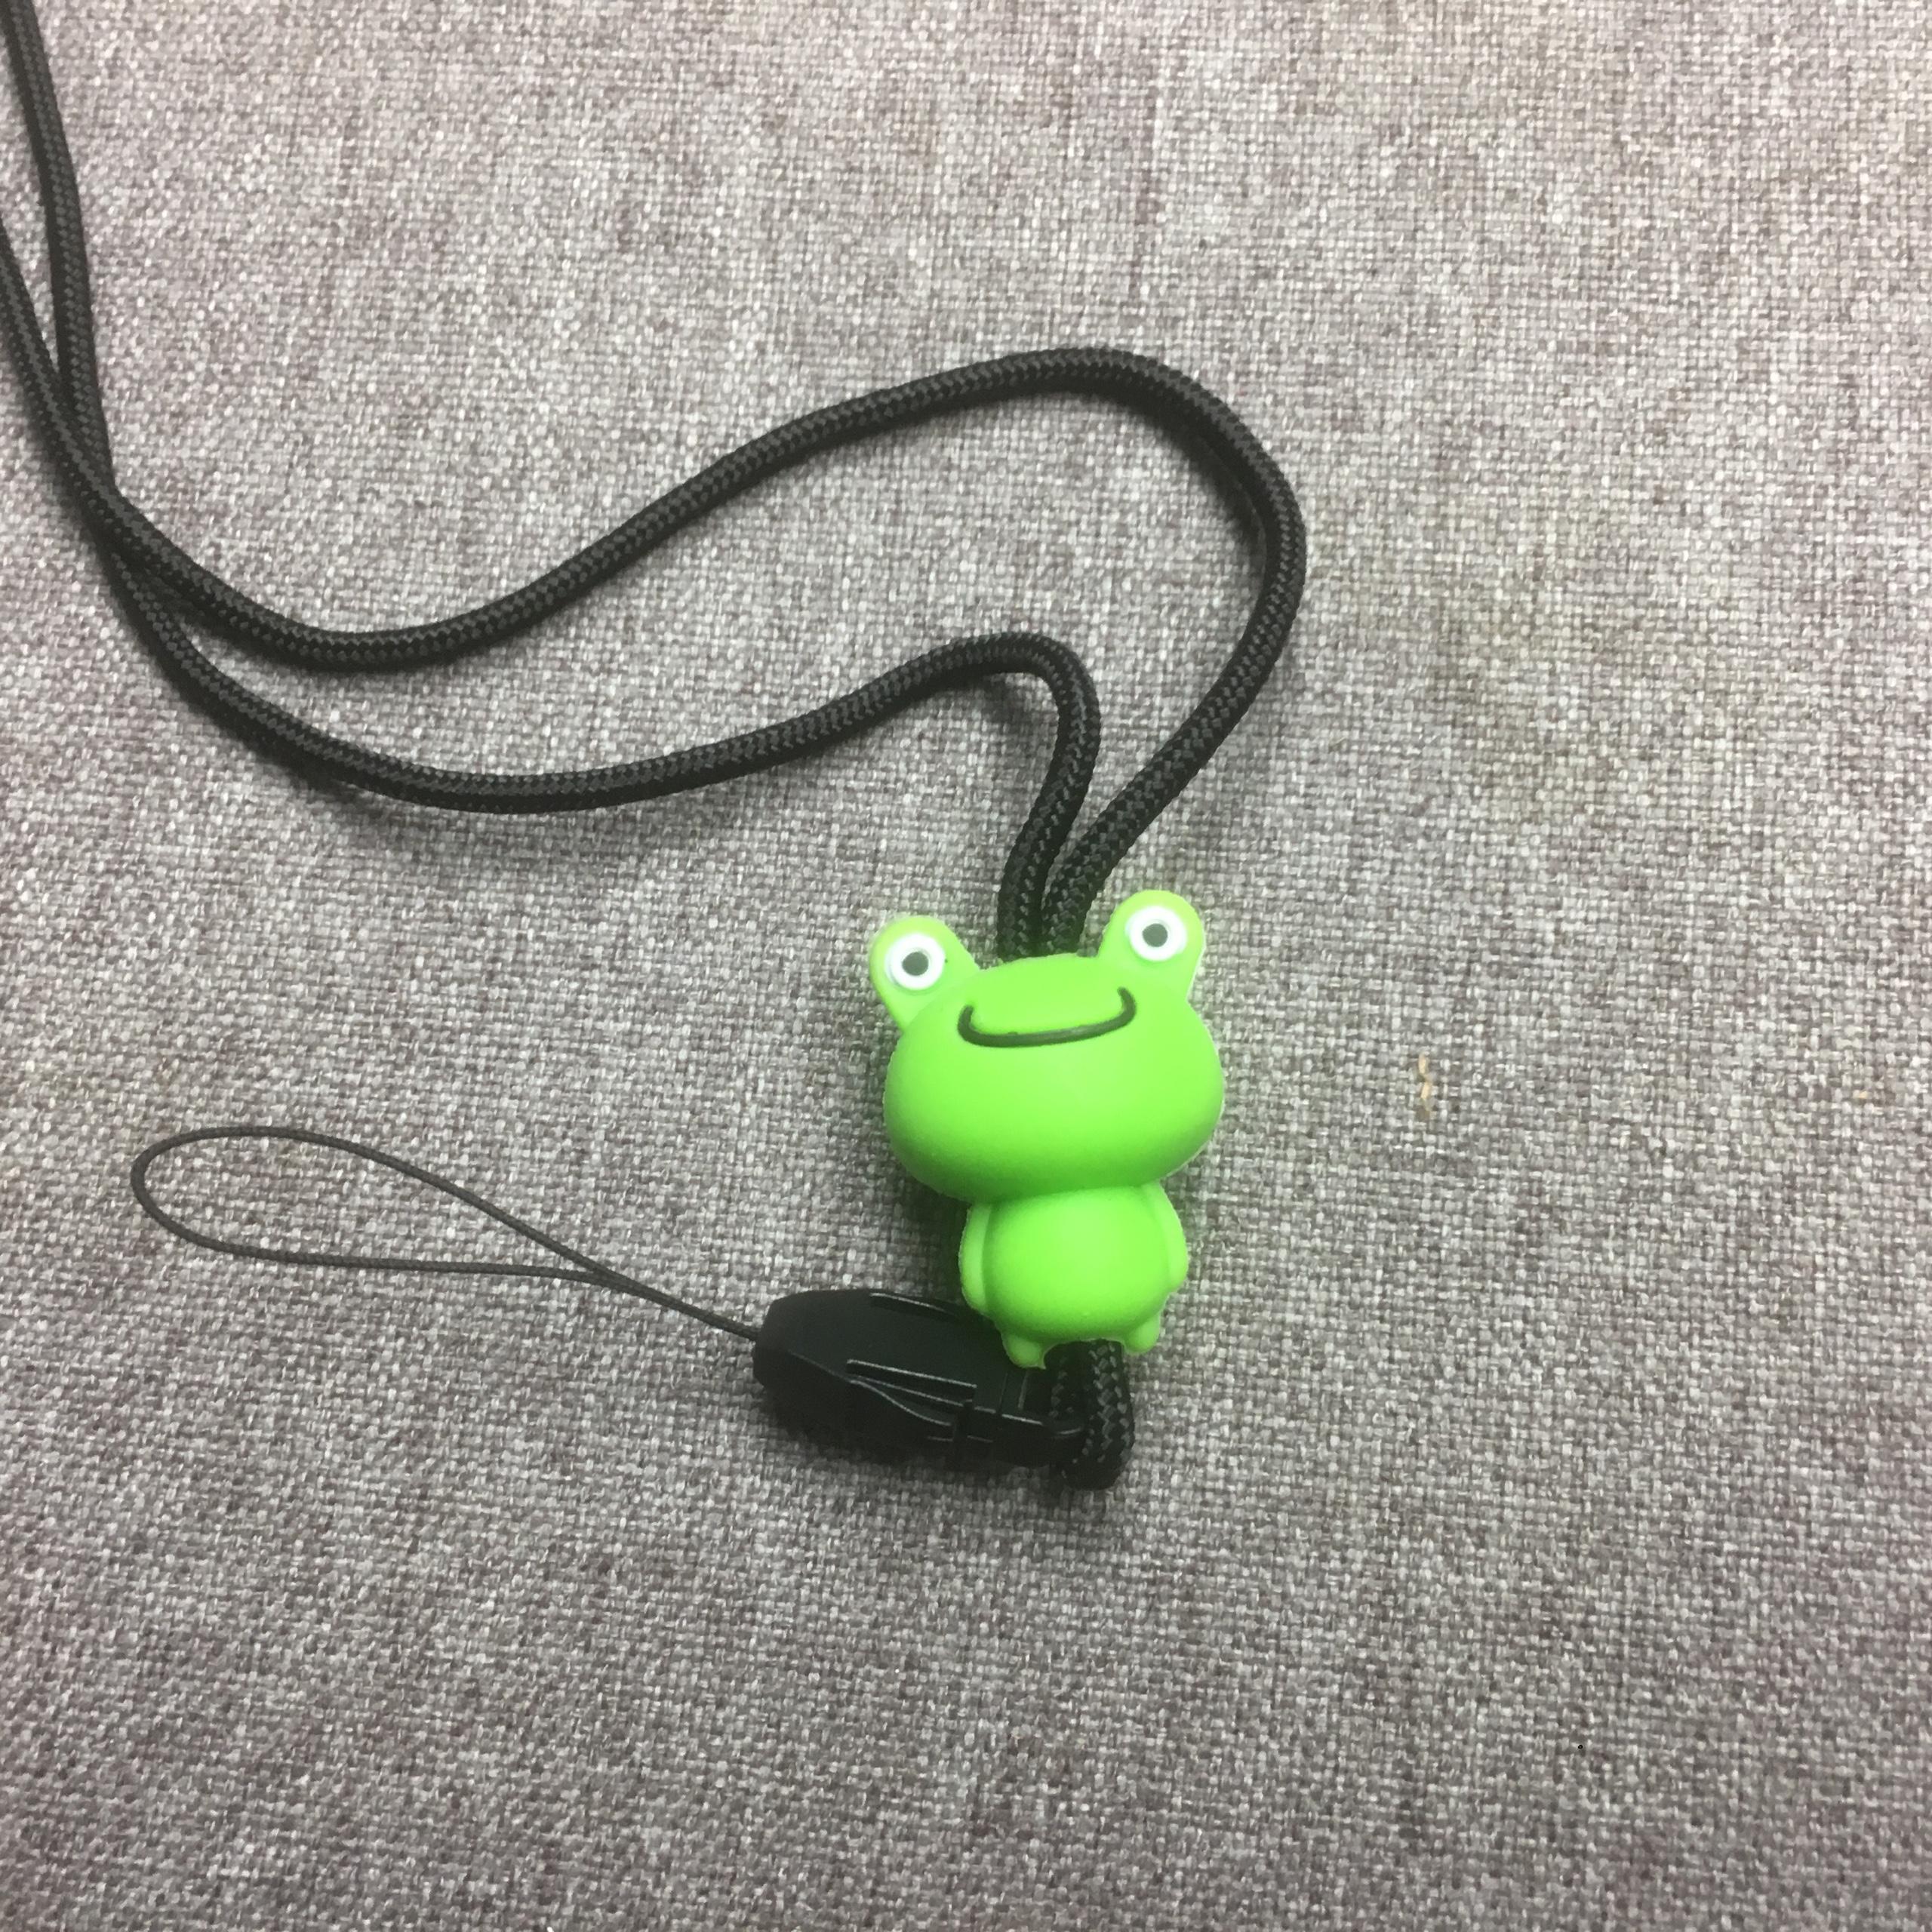 Dây đeo điện thoại hình thú chibi siêu dễ thương (Giao màu ngẫu nhiên) - Hàng chính hãng